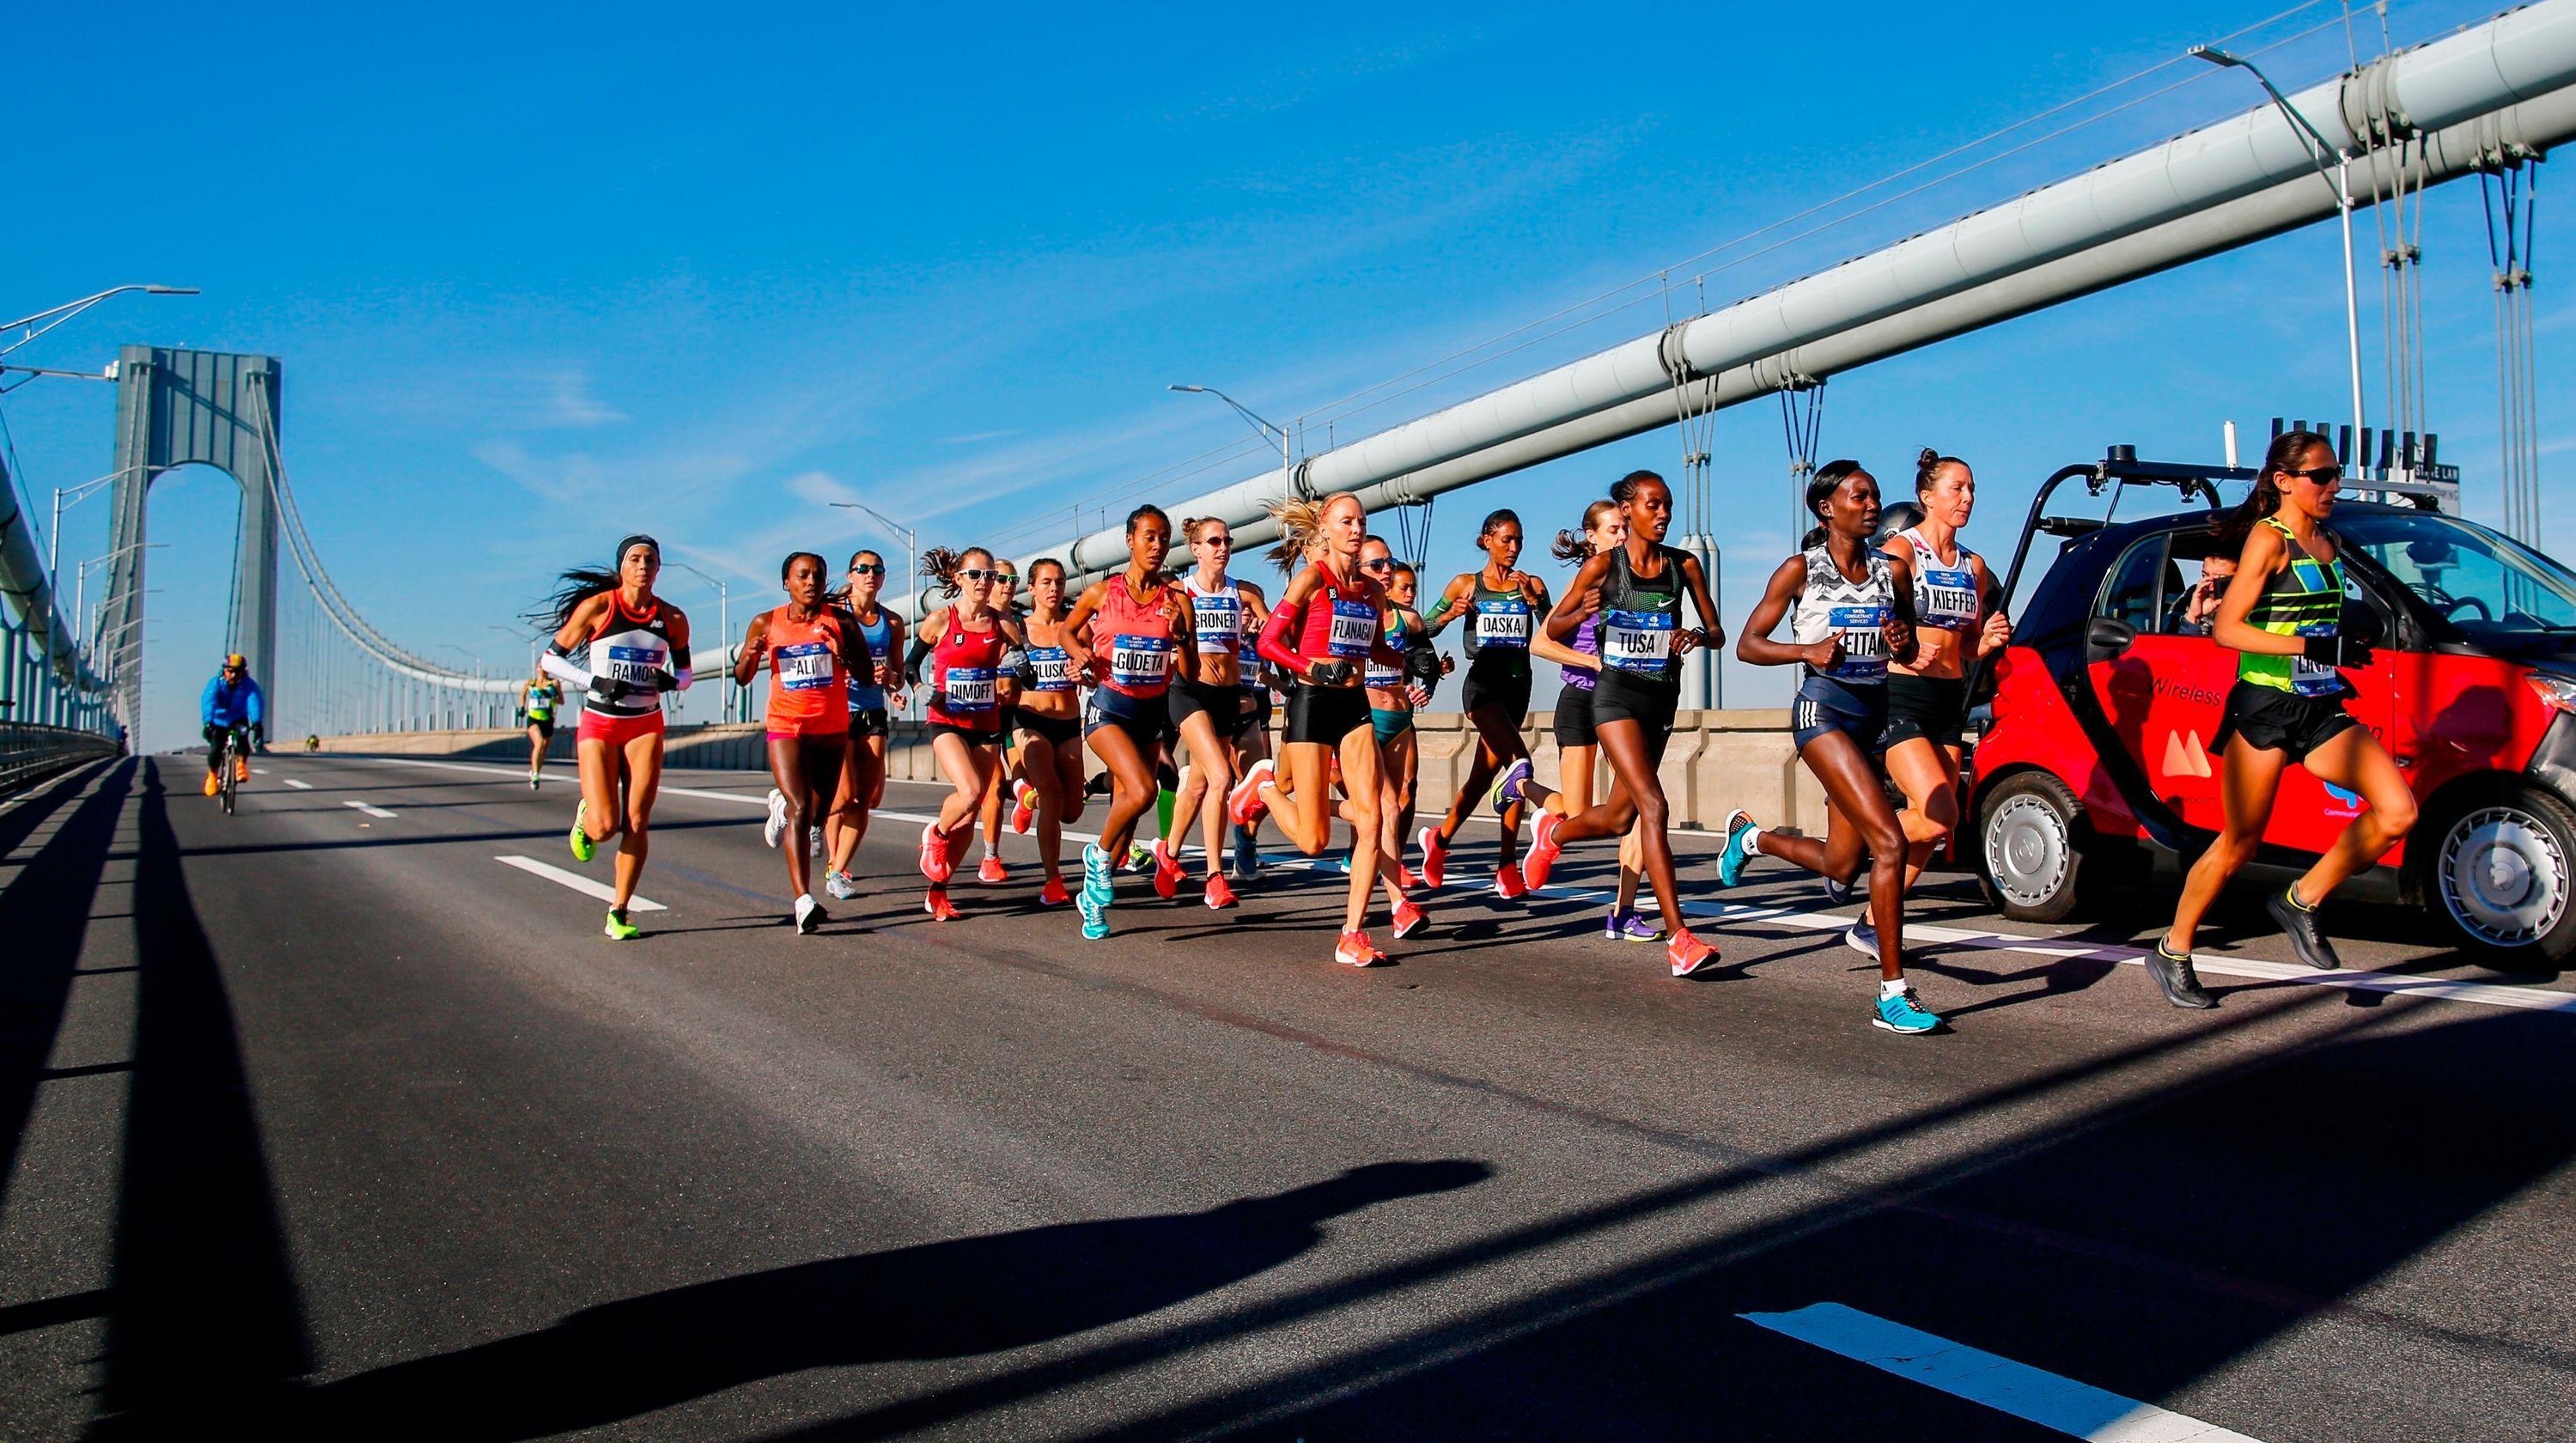 New York City Marathon Mary Keitany runs away with women